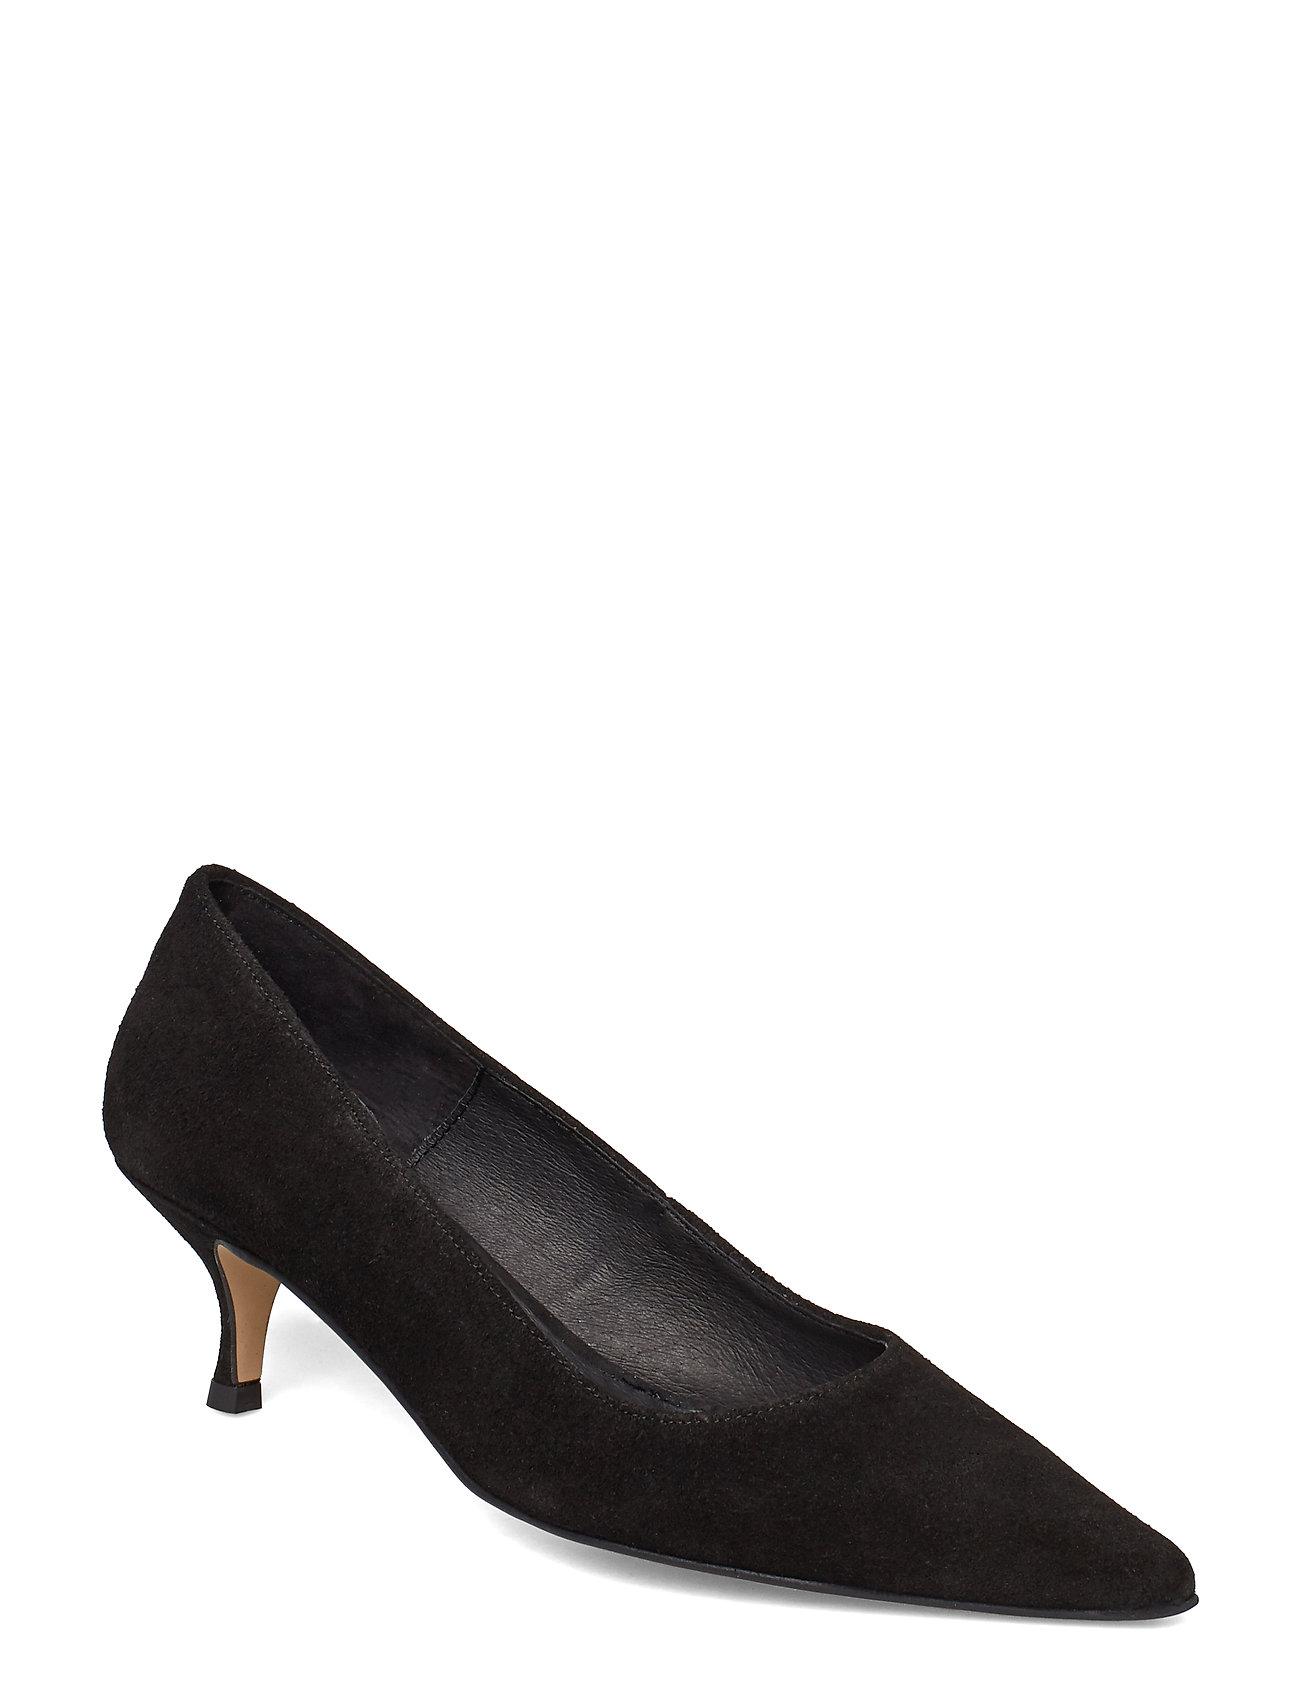 Shoe The Bear HAYDEN S - BLACK